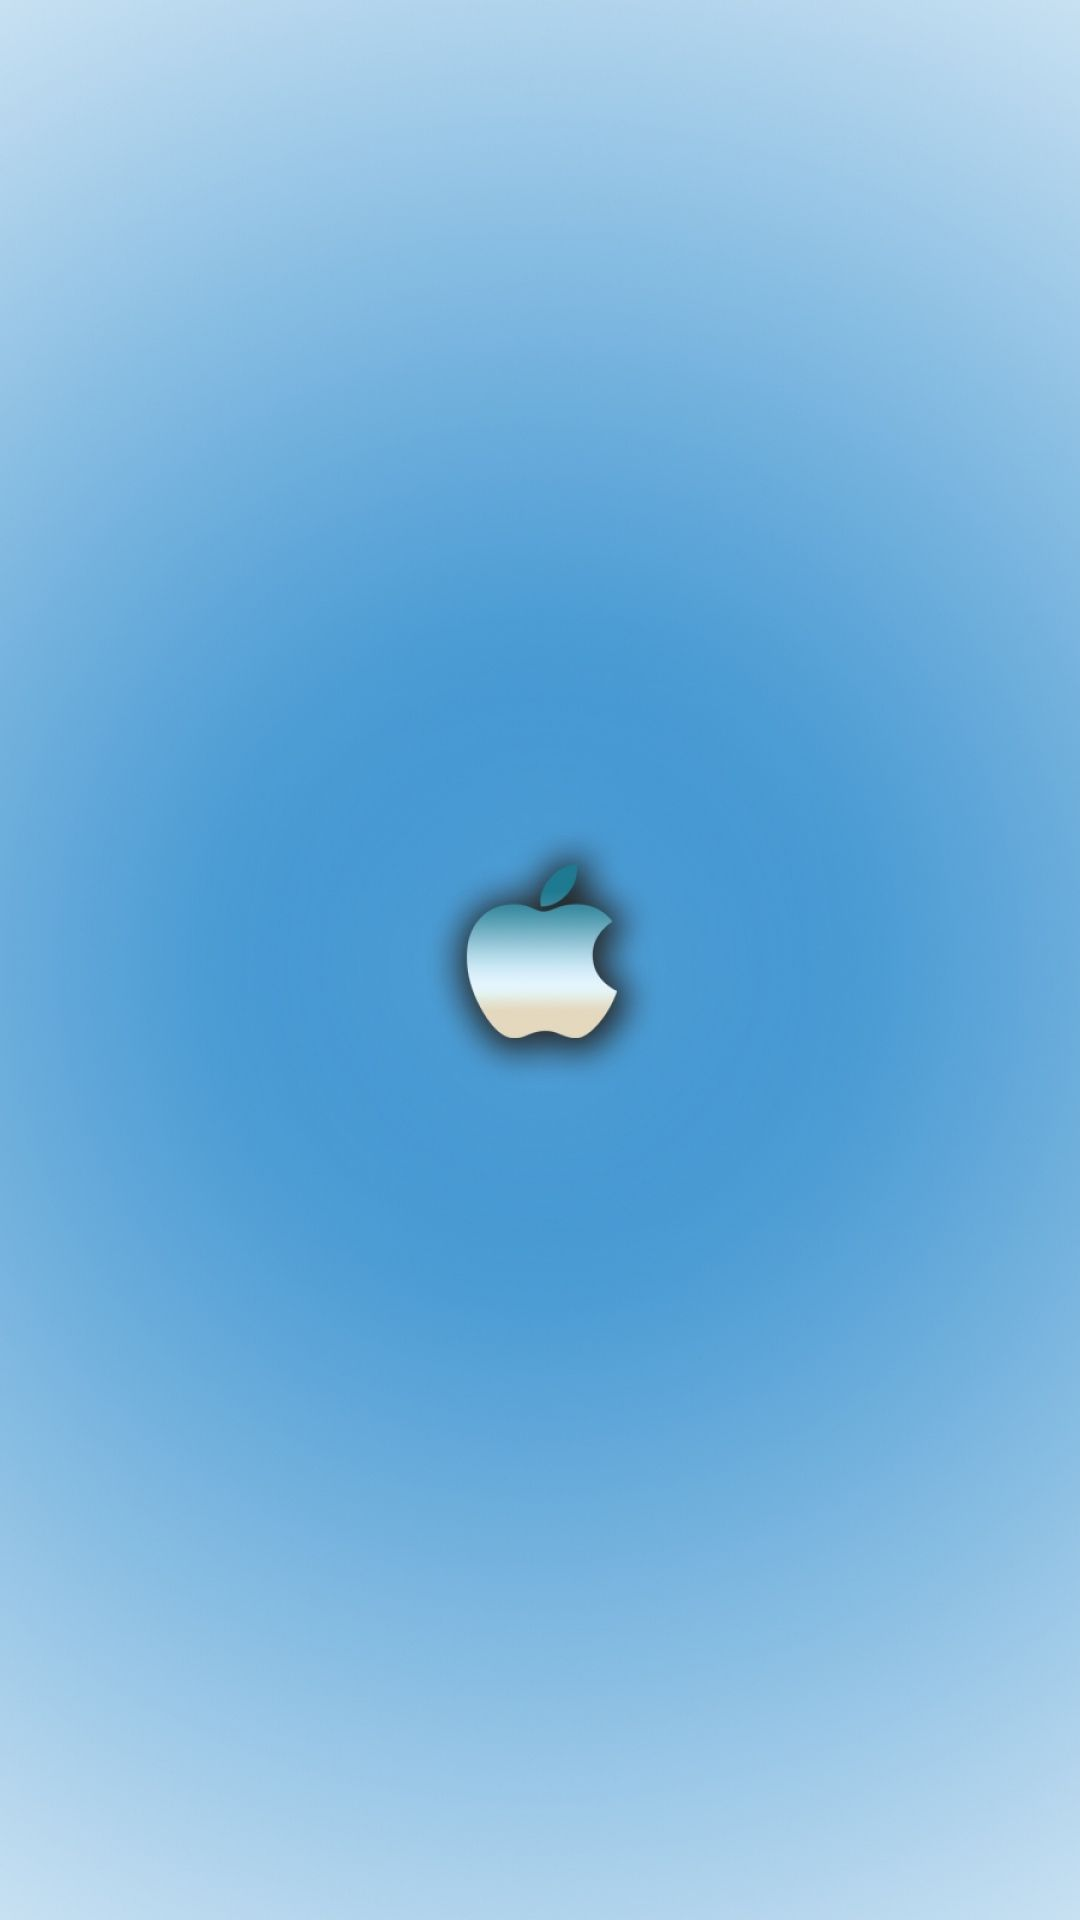 おしゃれ系 Appleロゴ ブルーグラデーション Apple ロゴ Iphone